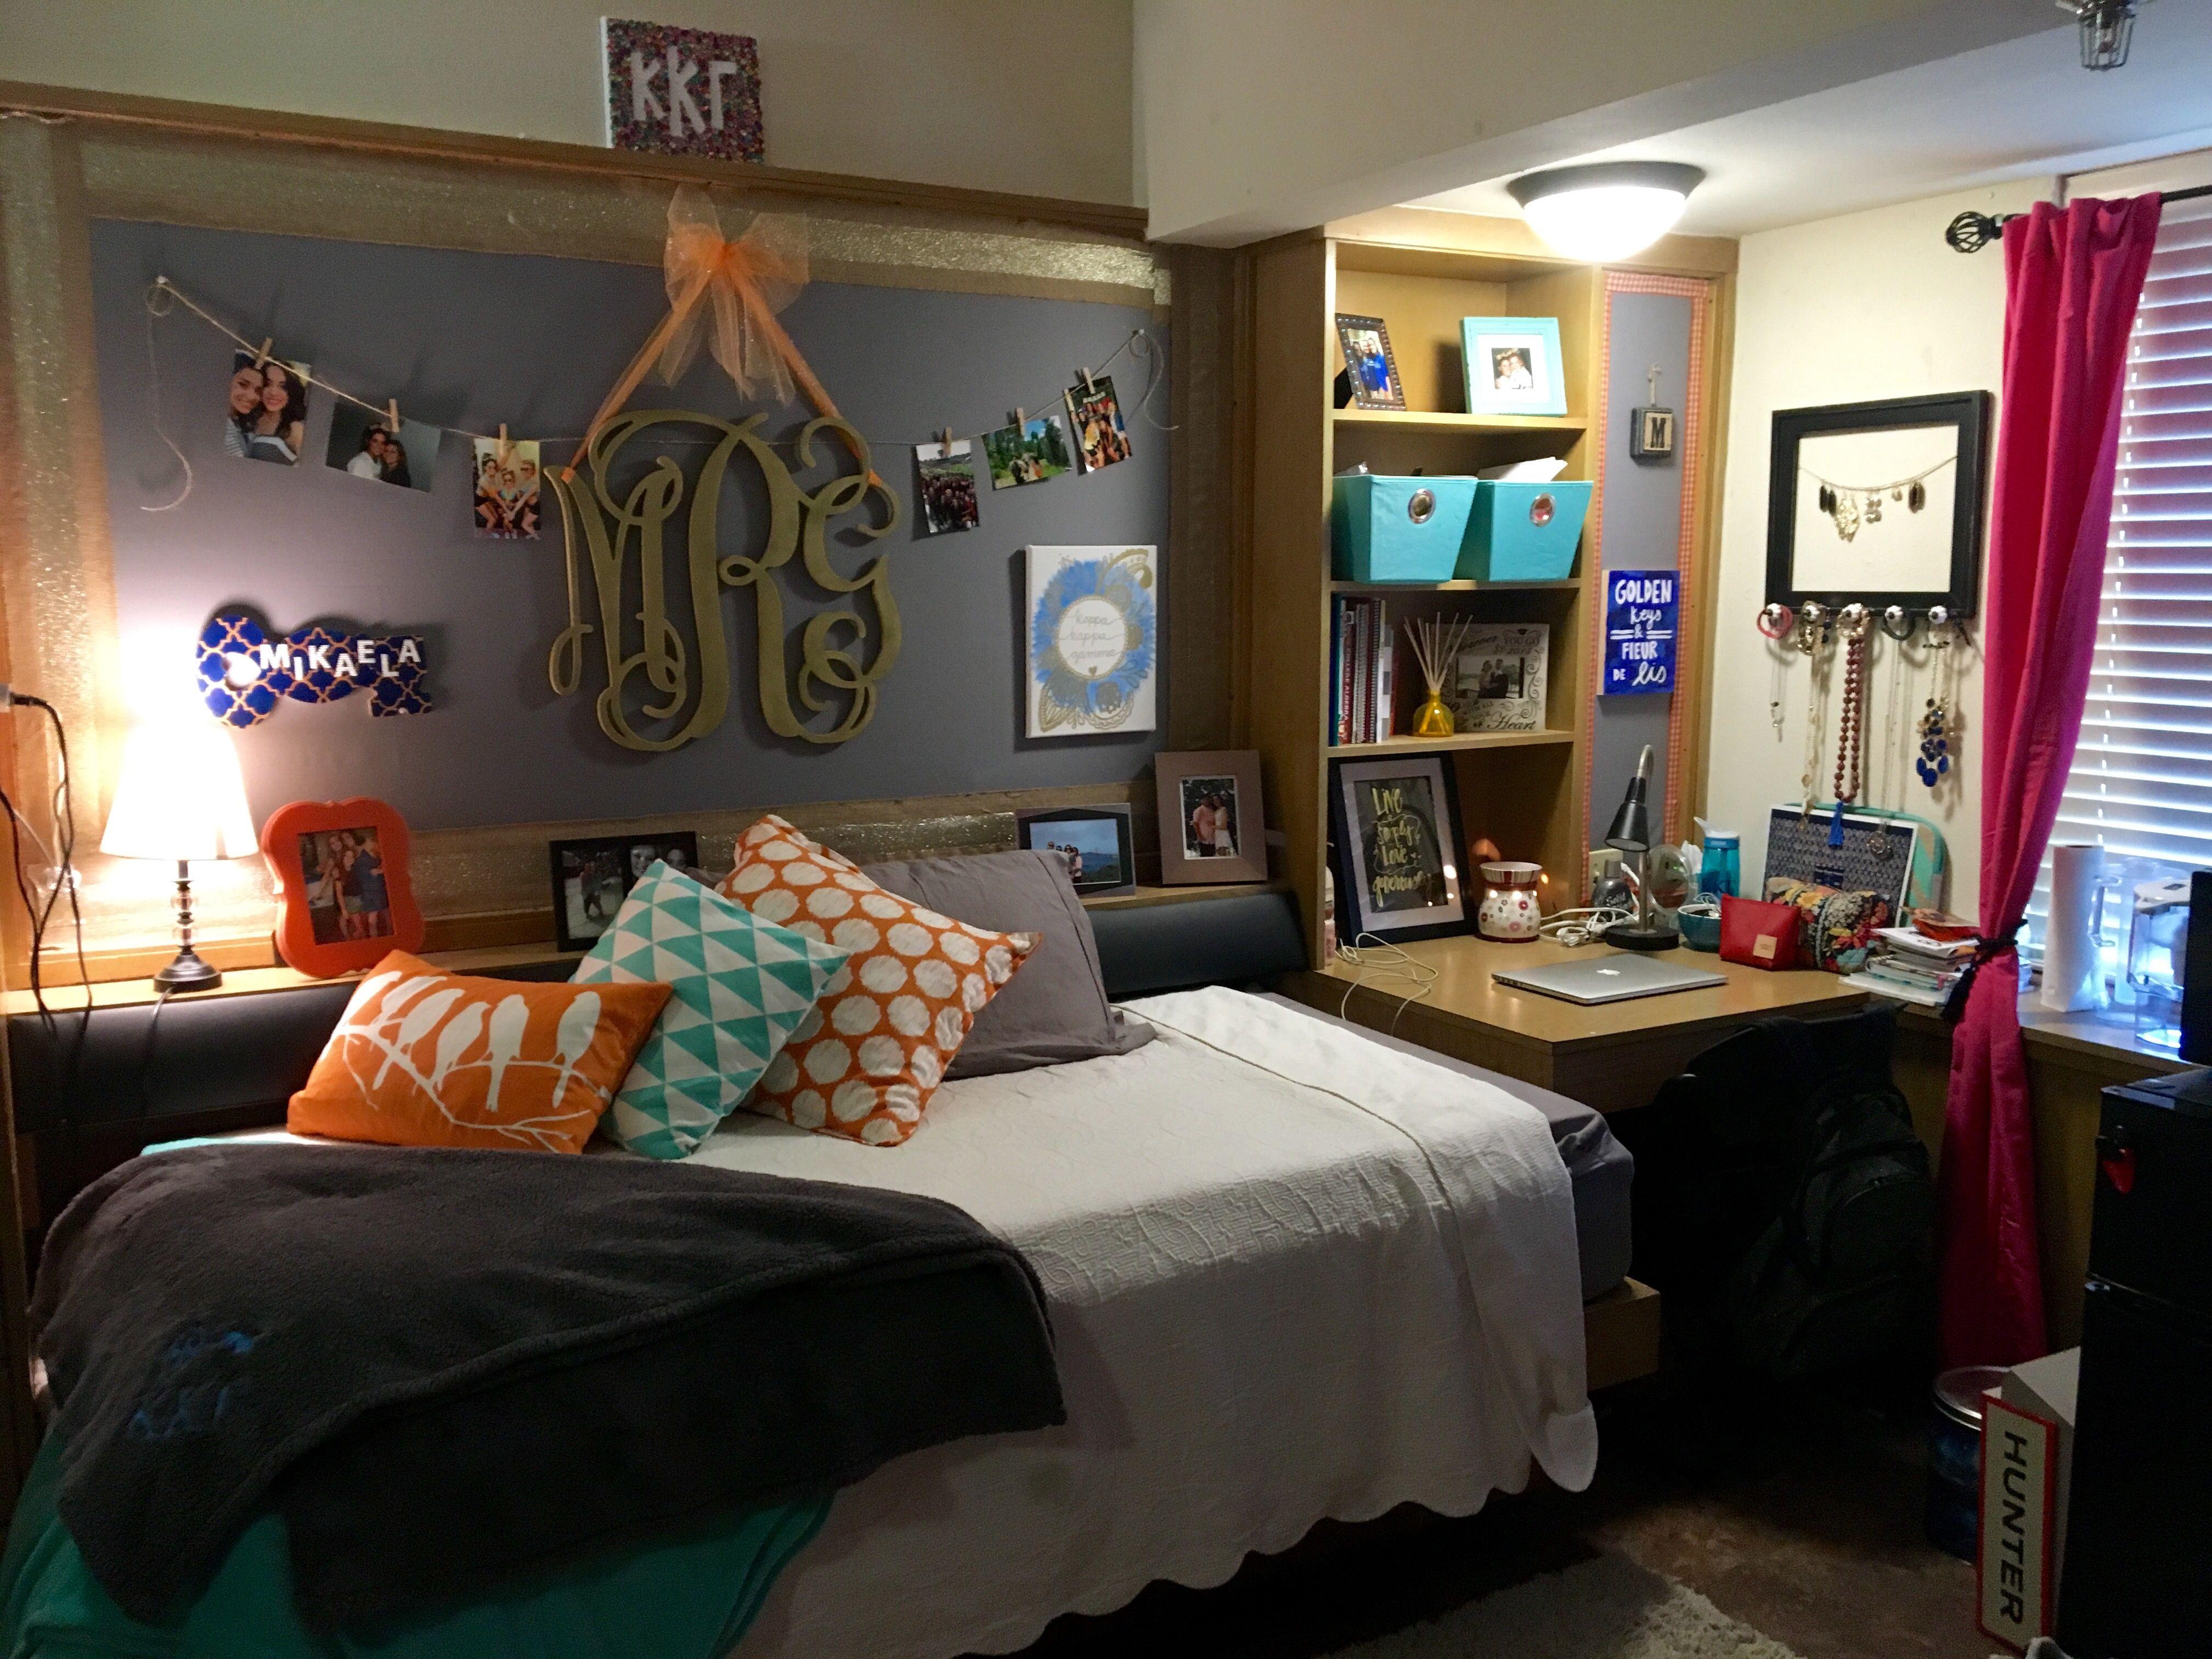 Teen dorms